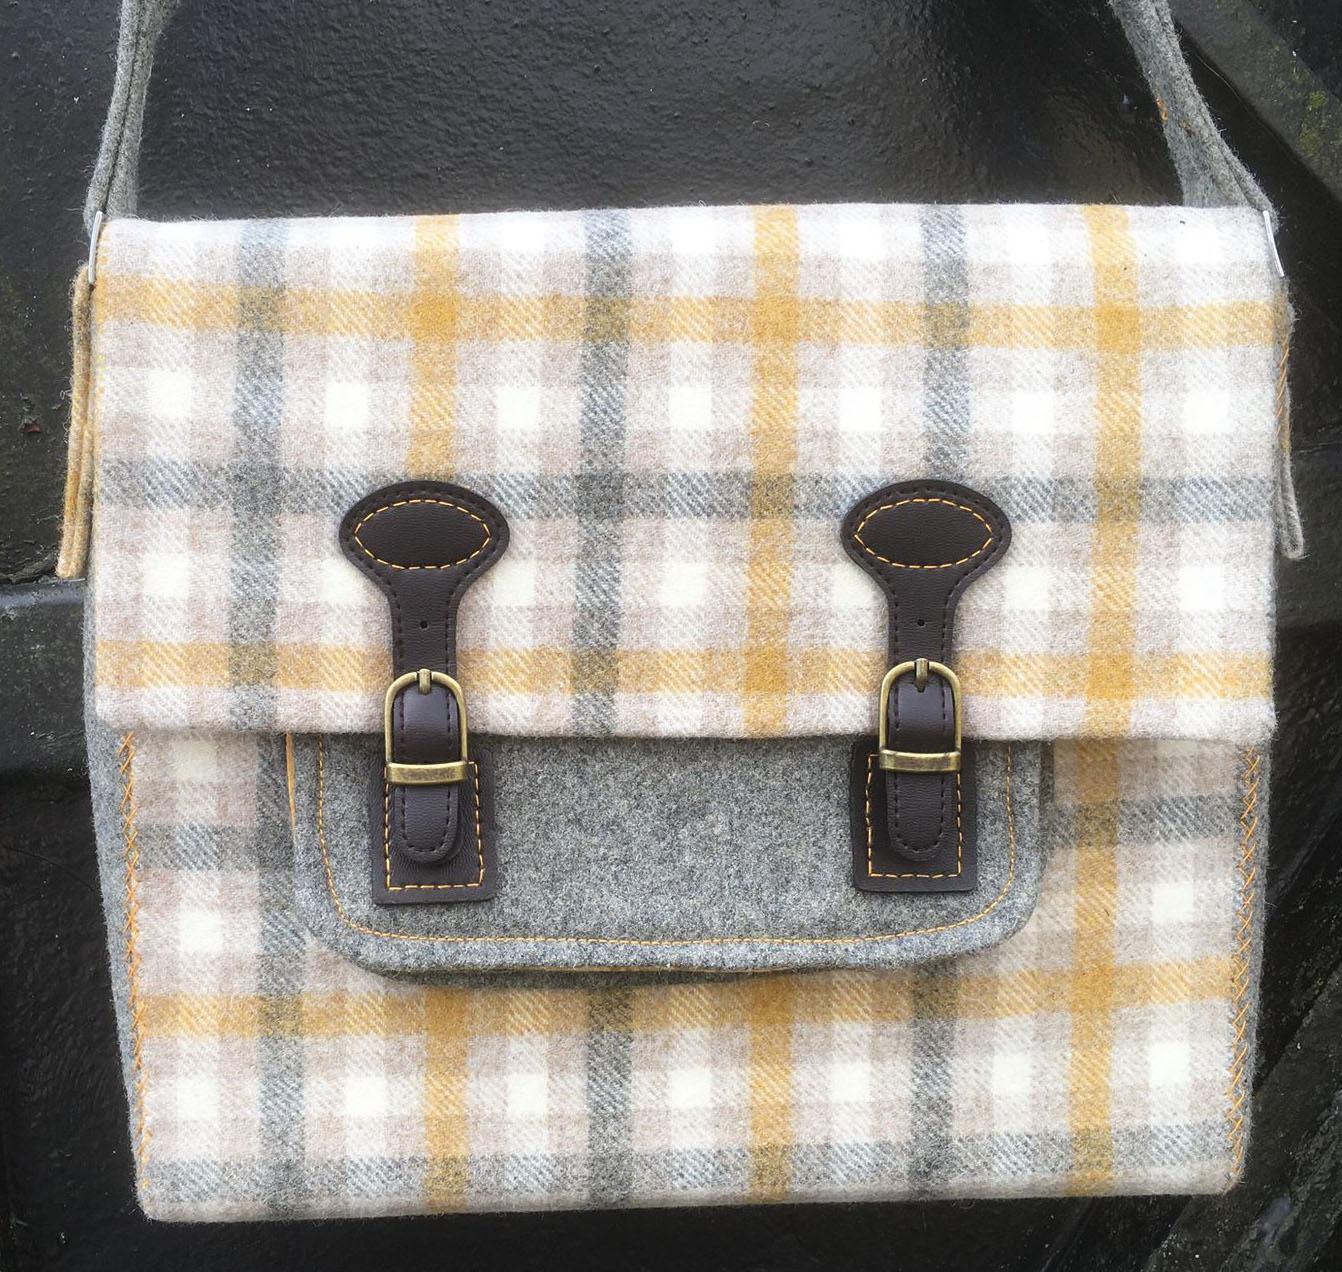 satchel pic